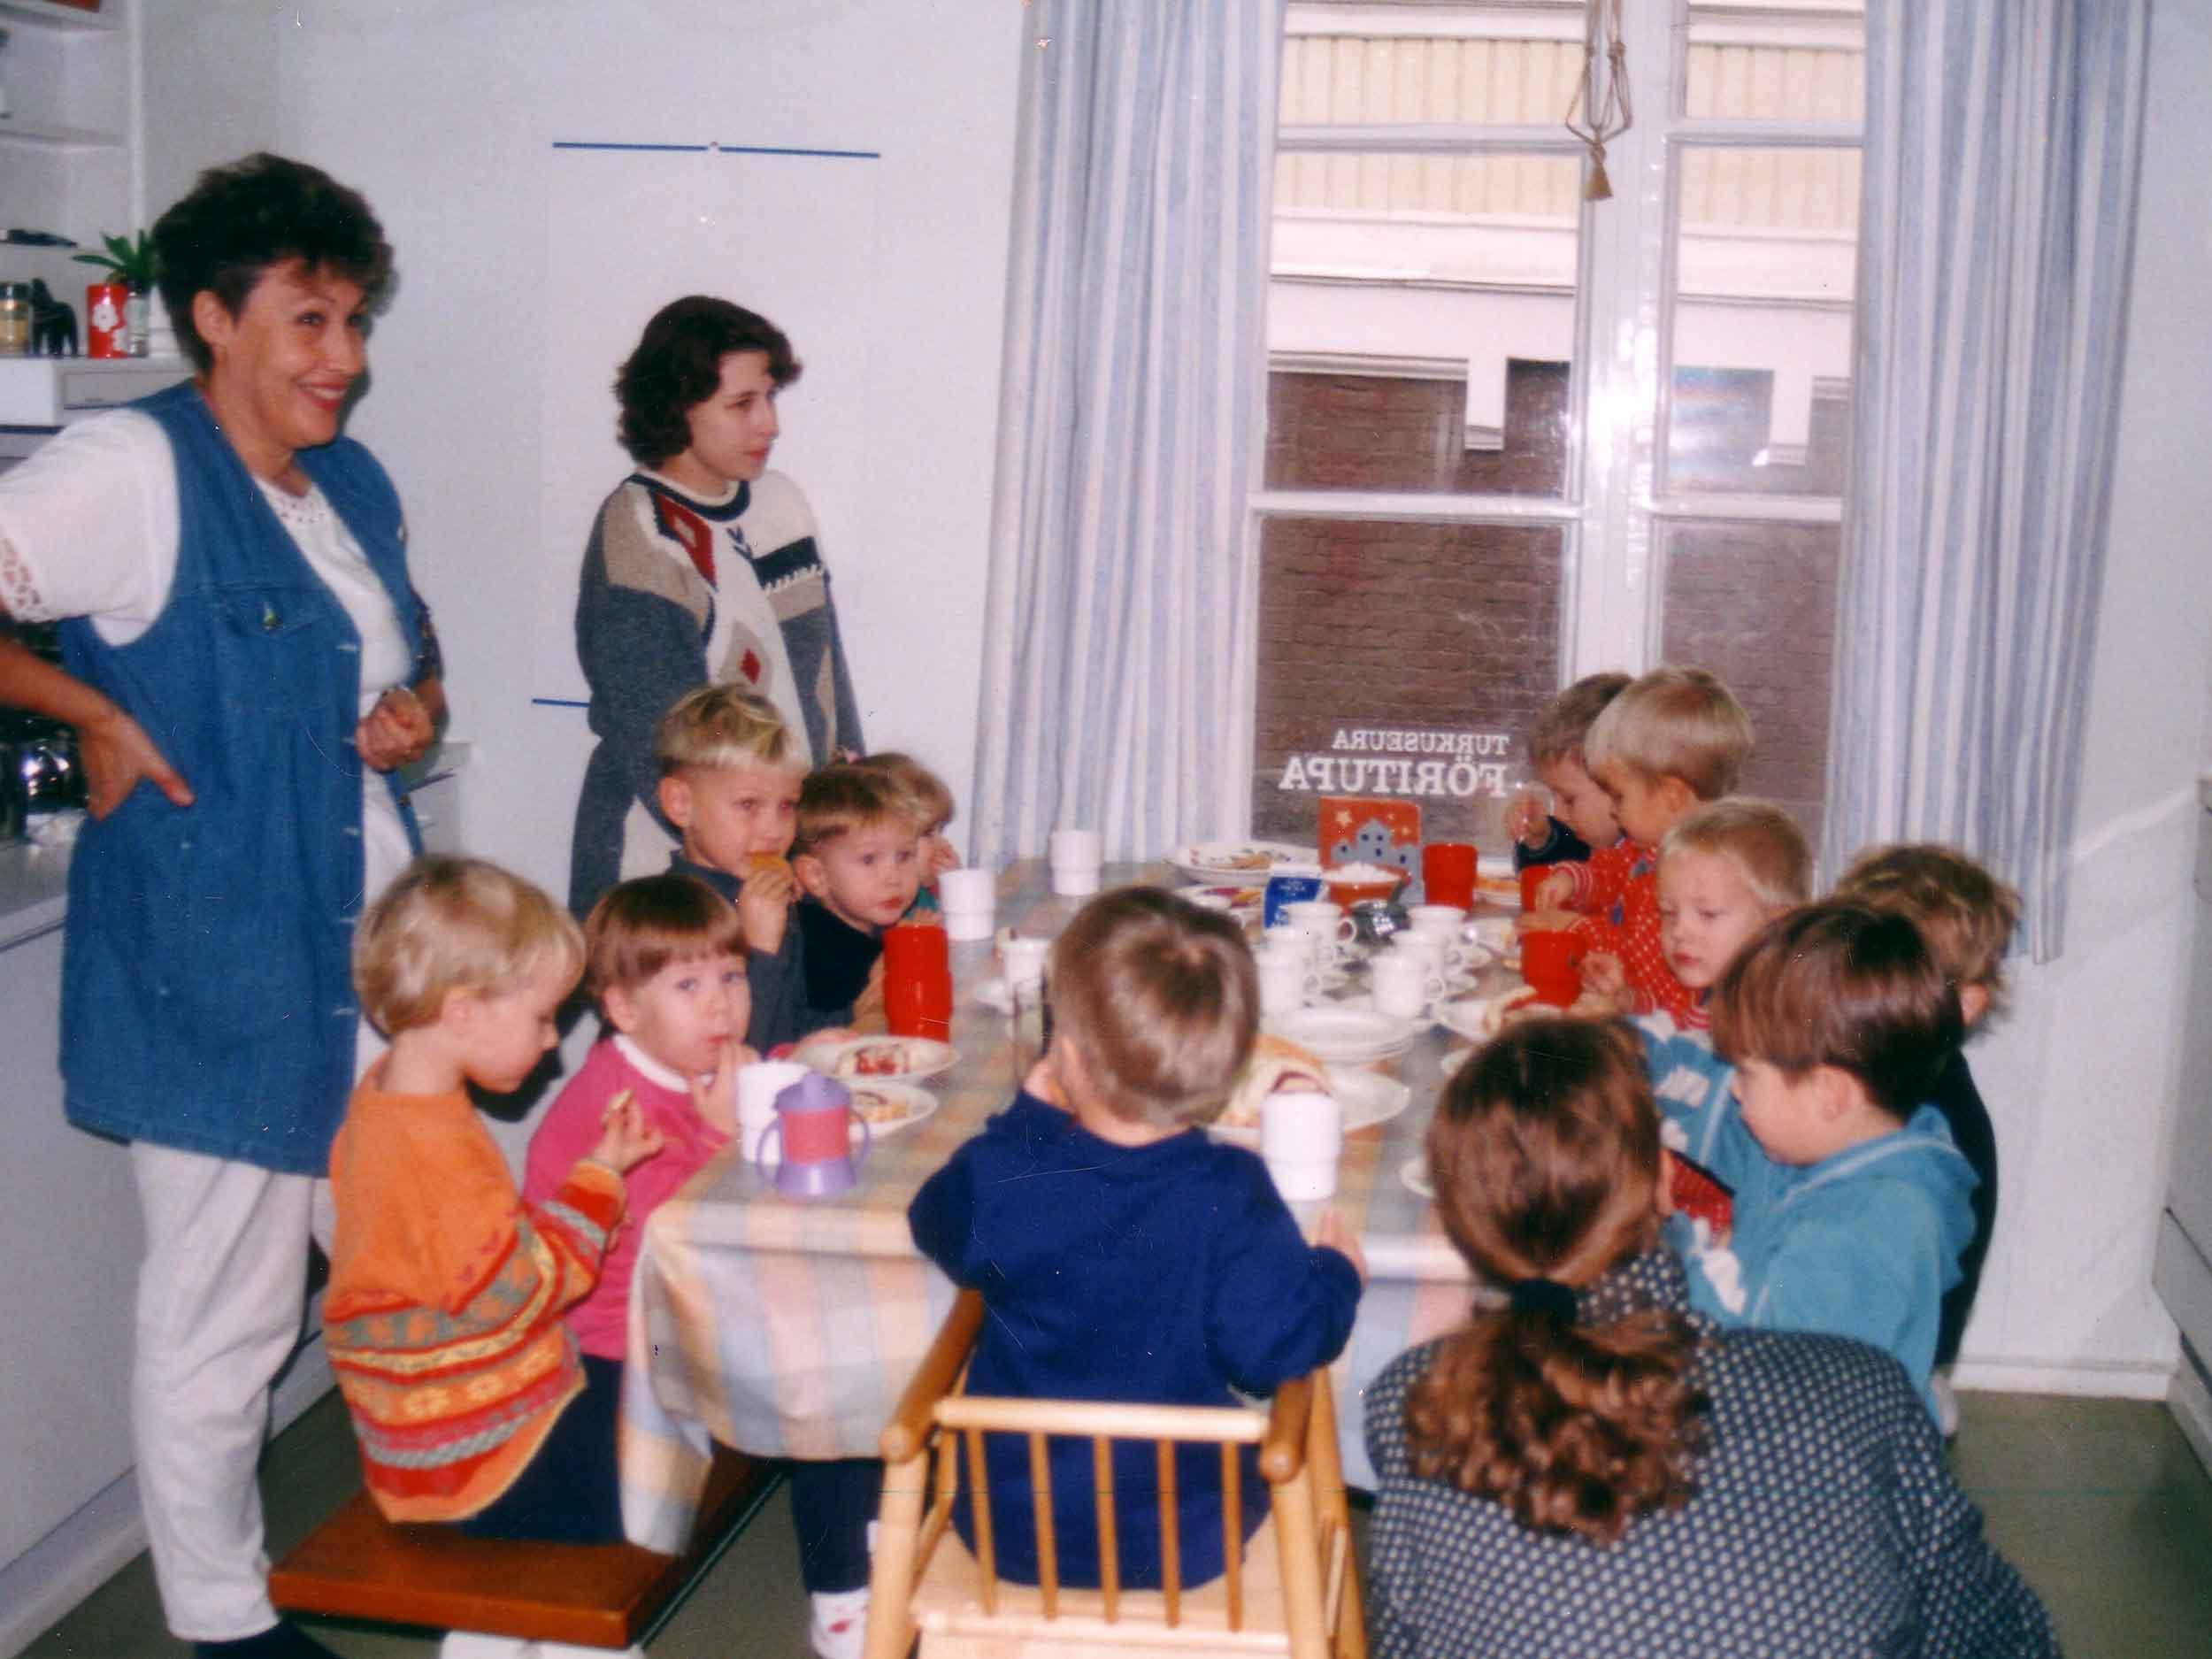 Turkuseuran Äitipiiri kokoontui Turkuseuran tiloissa 1990-luvulla viikoittain. Liiviliigassa puolestaan kohtasivat odottavat ja imettävät äidit. Kuva vuodelta 1999.